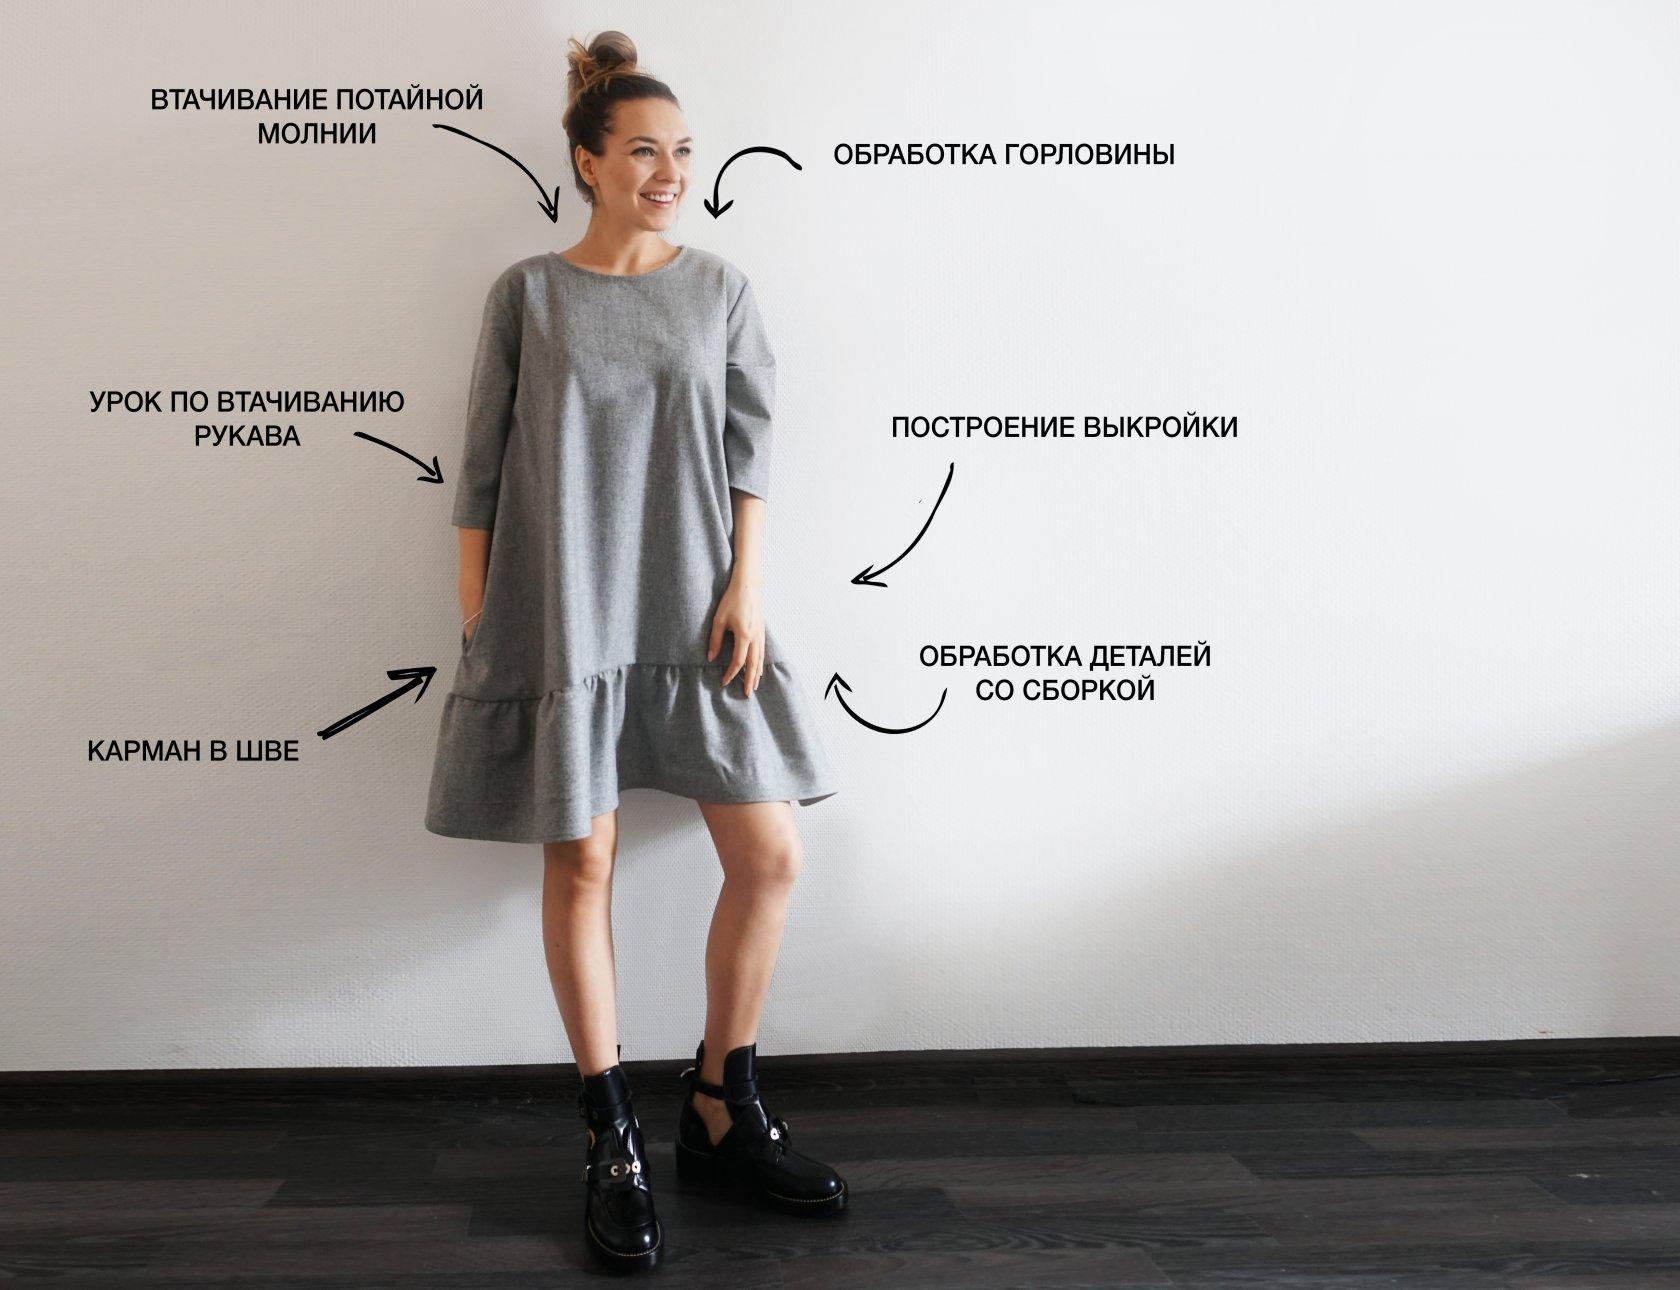 МК платье-трансформер / как сшить платье трансформер 92